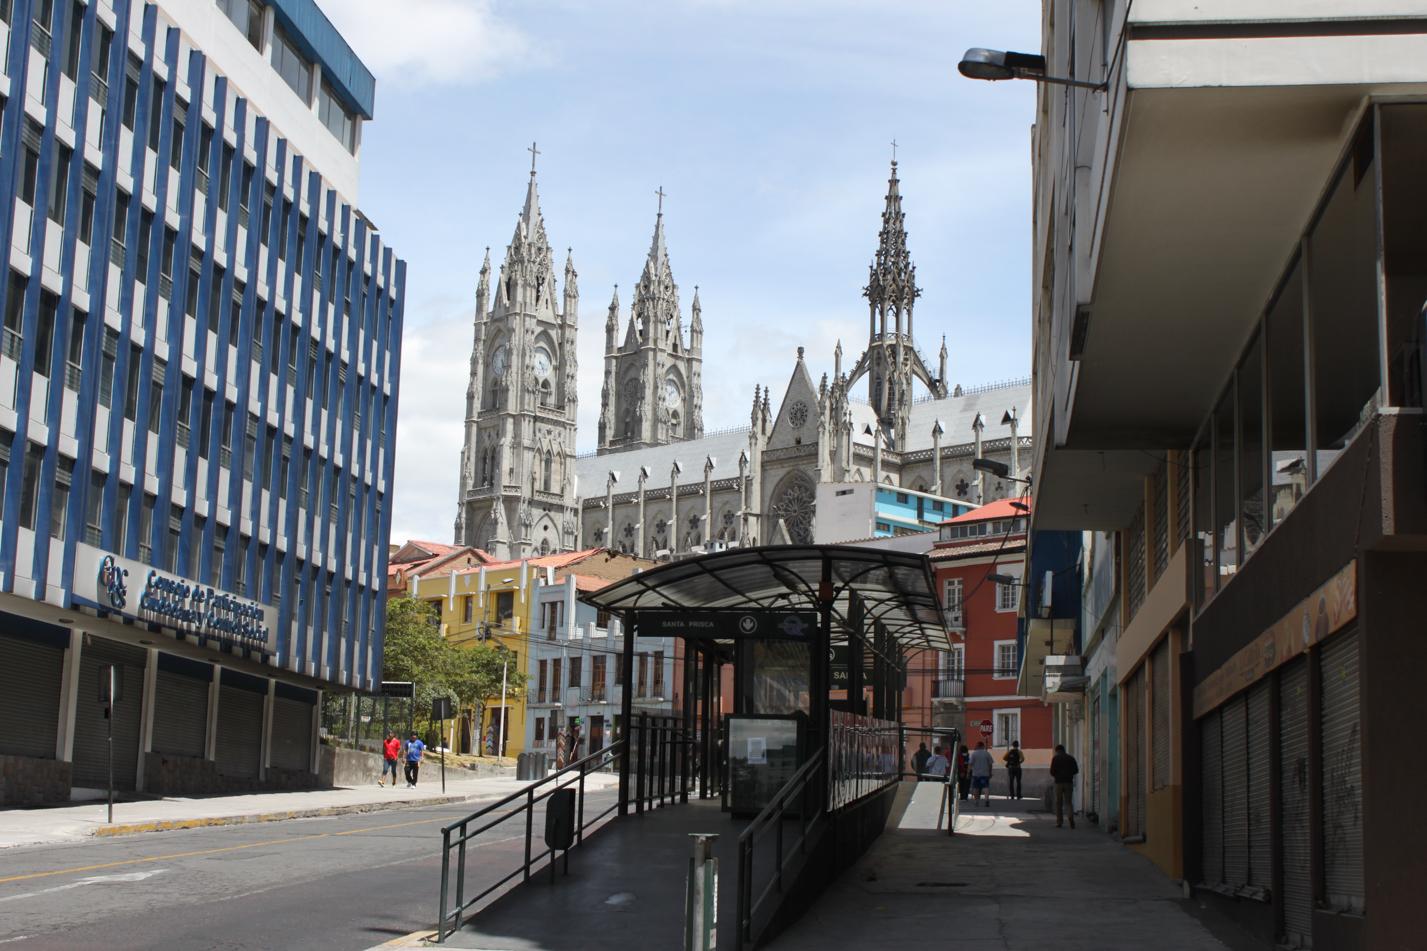 Basílica del Voto Nacional im Hintergrund und eine Metrobusstation im Vordergrund. Mit diesen Metrobussen kann man sich in Windeseile durch die Stadt bewegen,